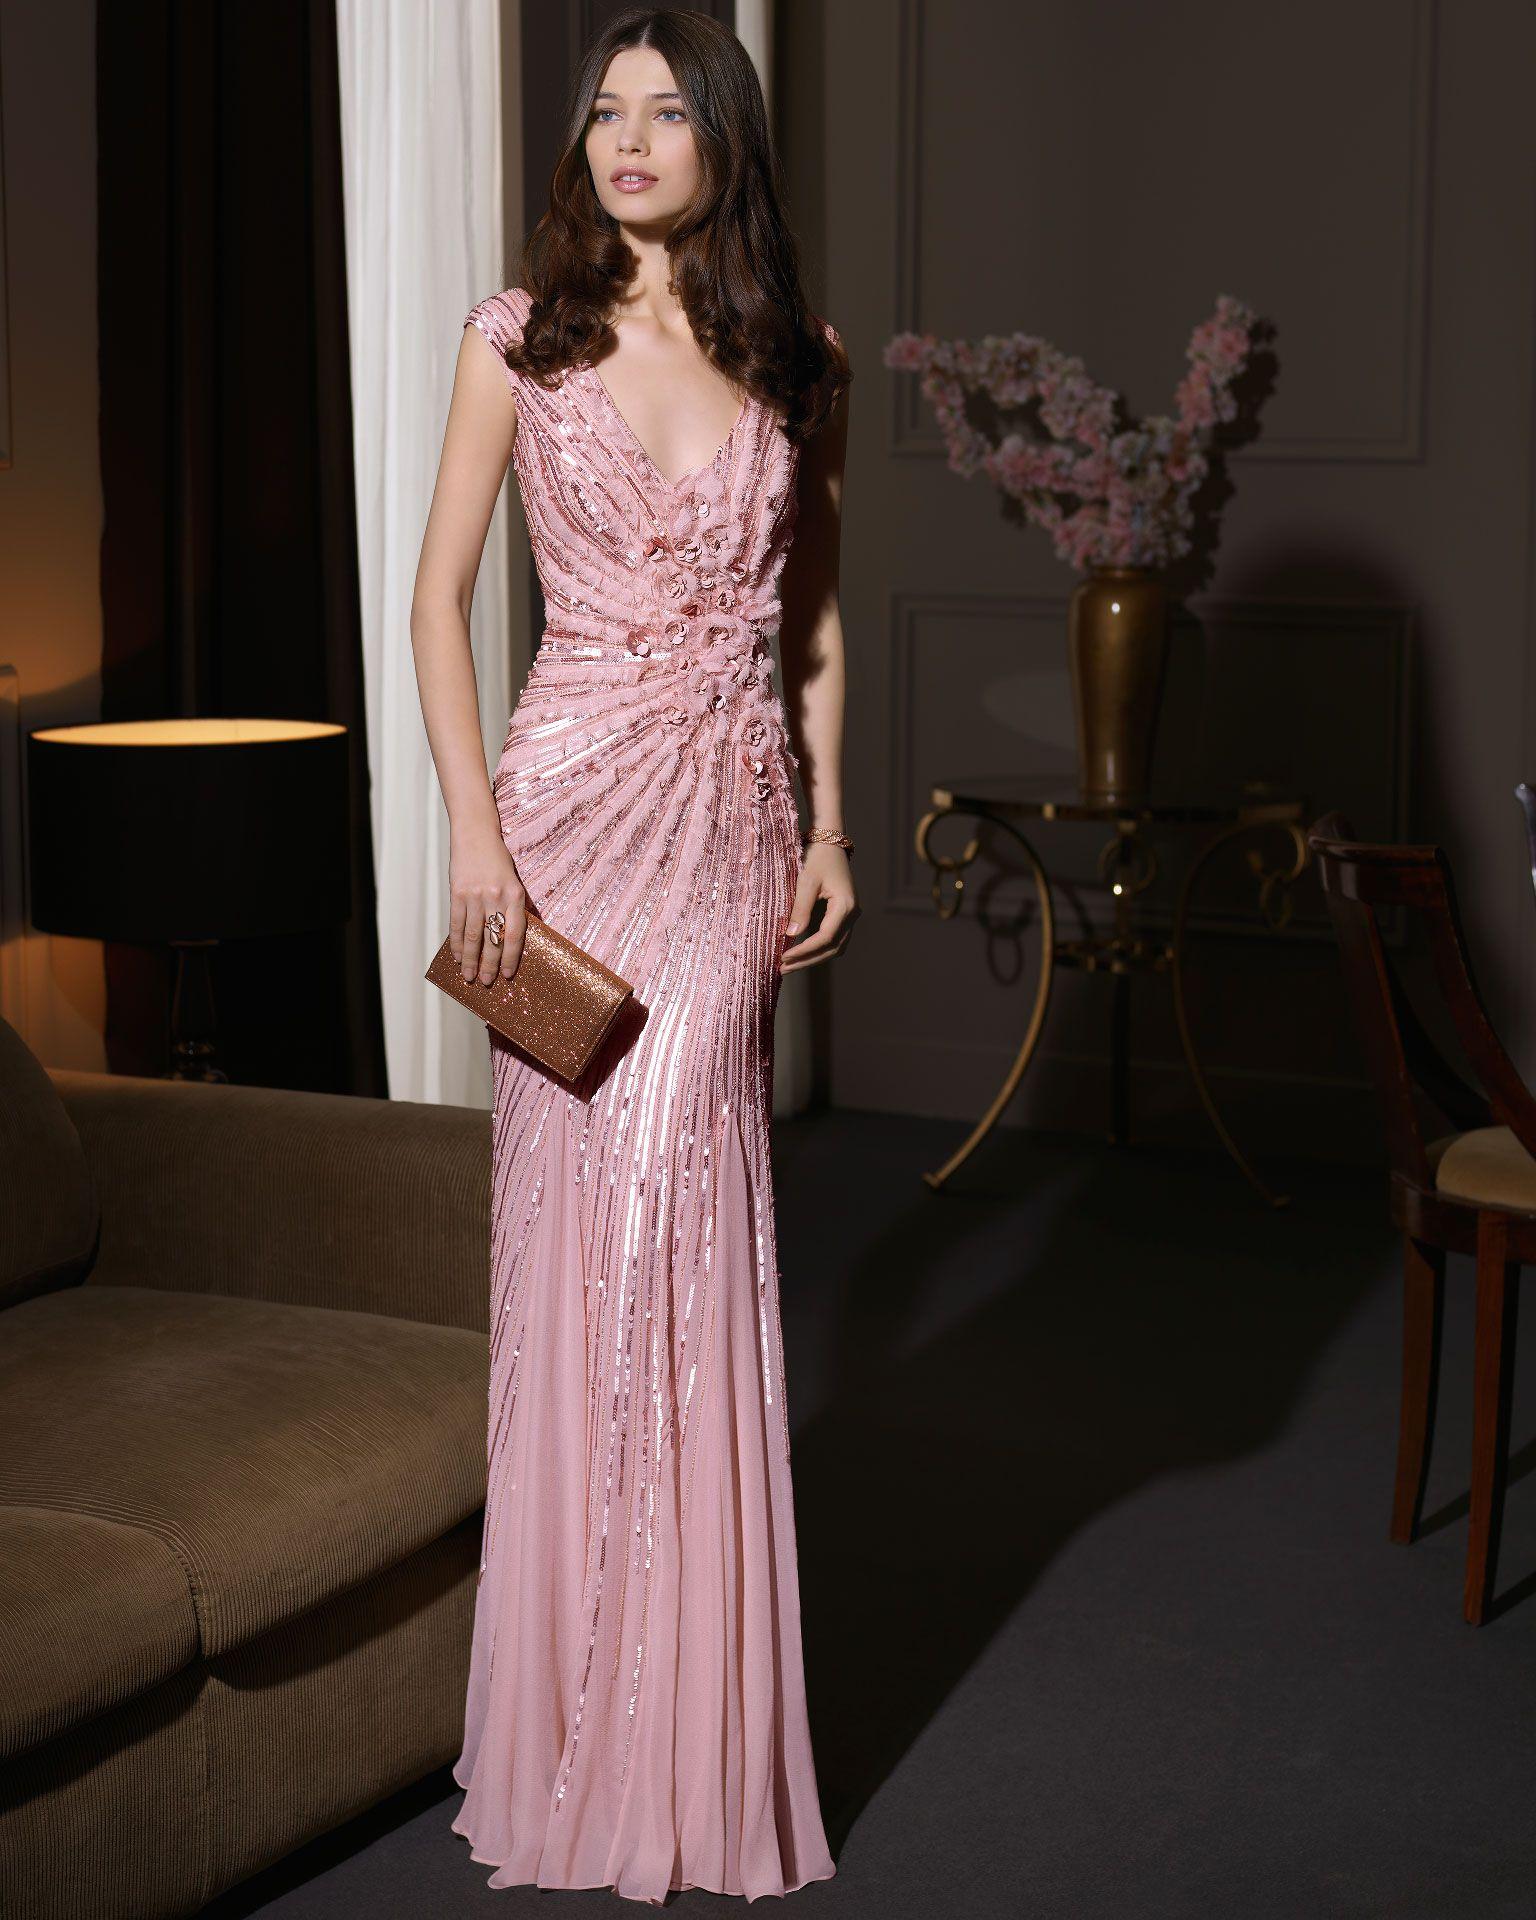 Vestidos de gala de noche para fiestas vestidos de gala